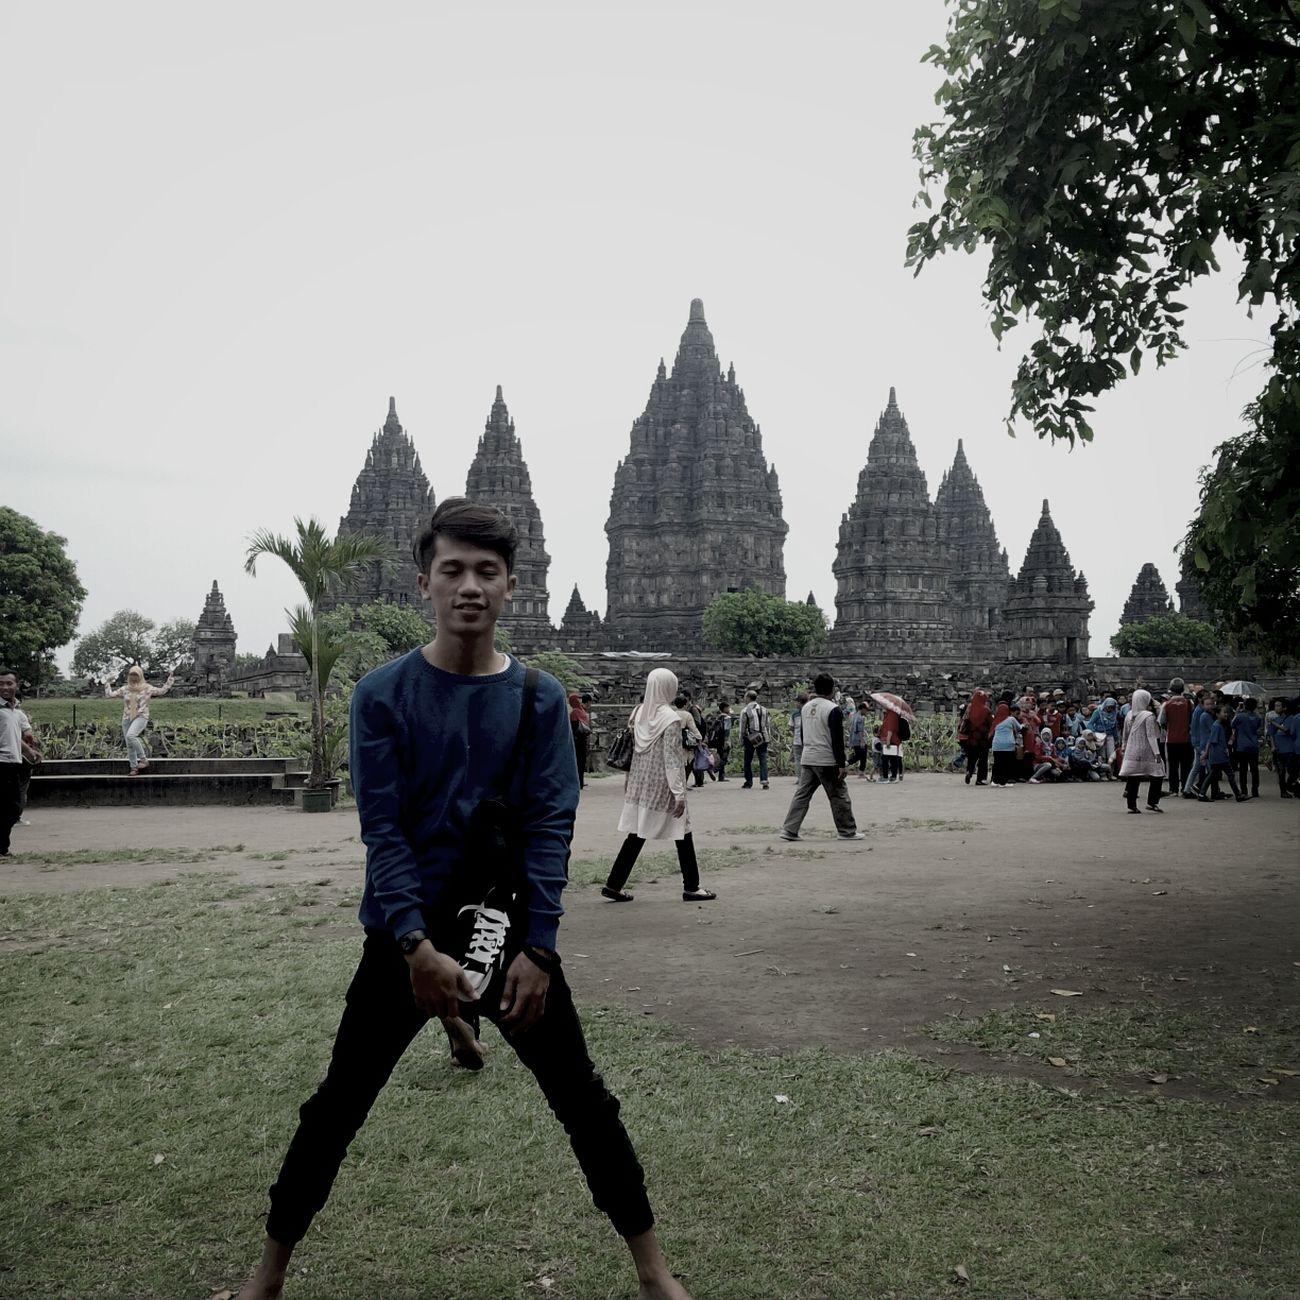 EyeEm Indonesia I Love Indonesia Candi Prambanan History Of Prambanan sejarah dan peninggalan yang tidak pernah terlupakan